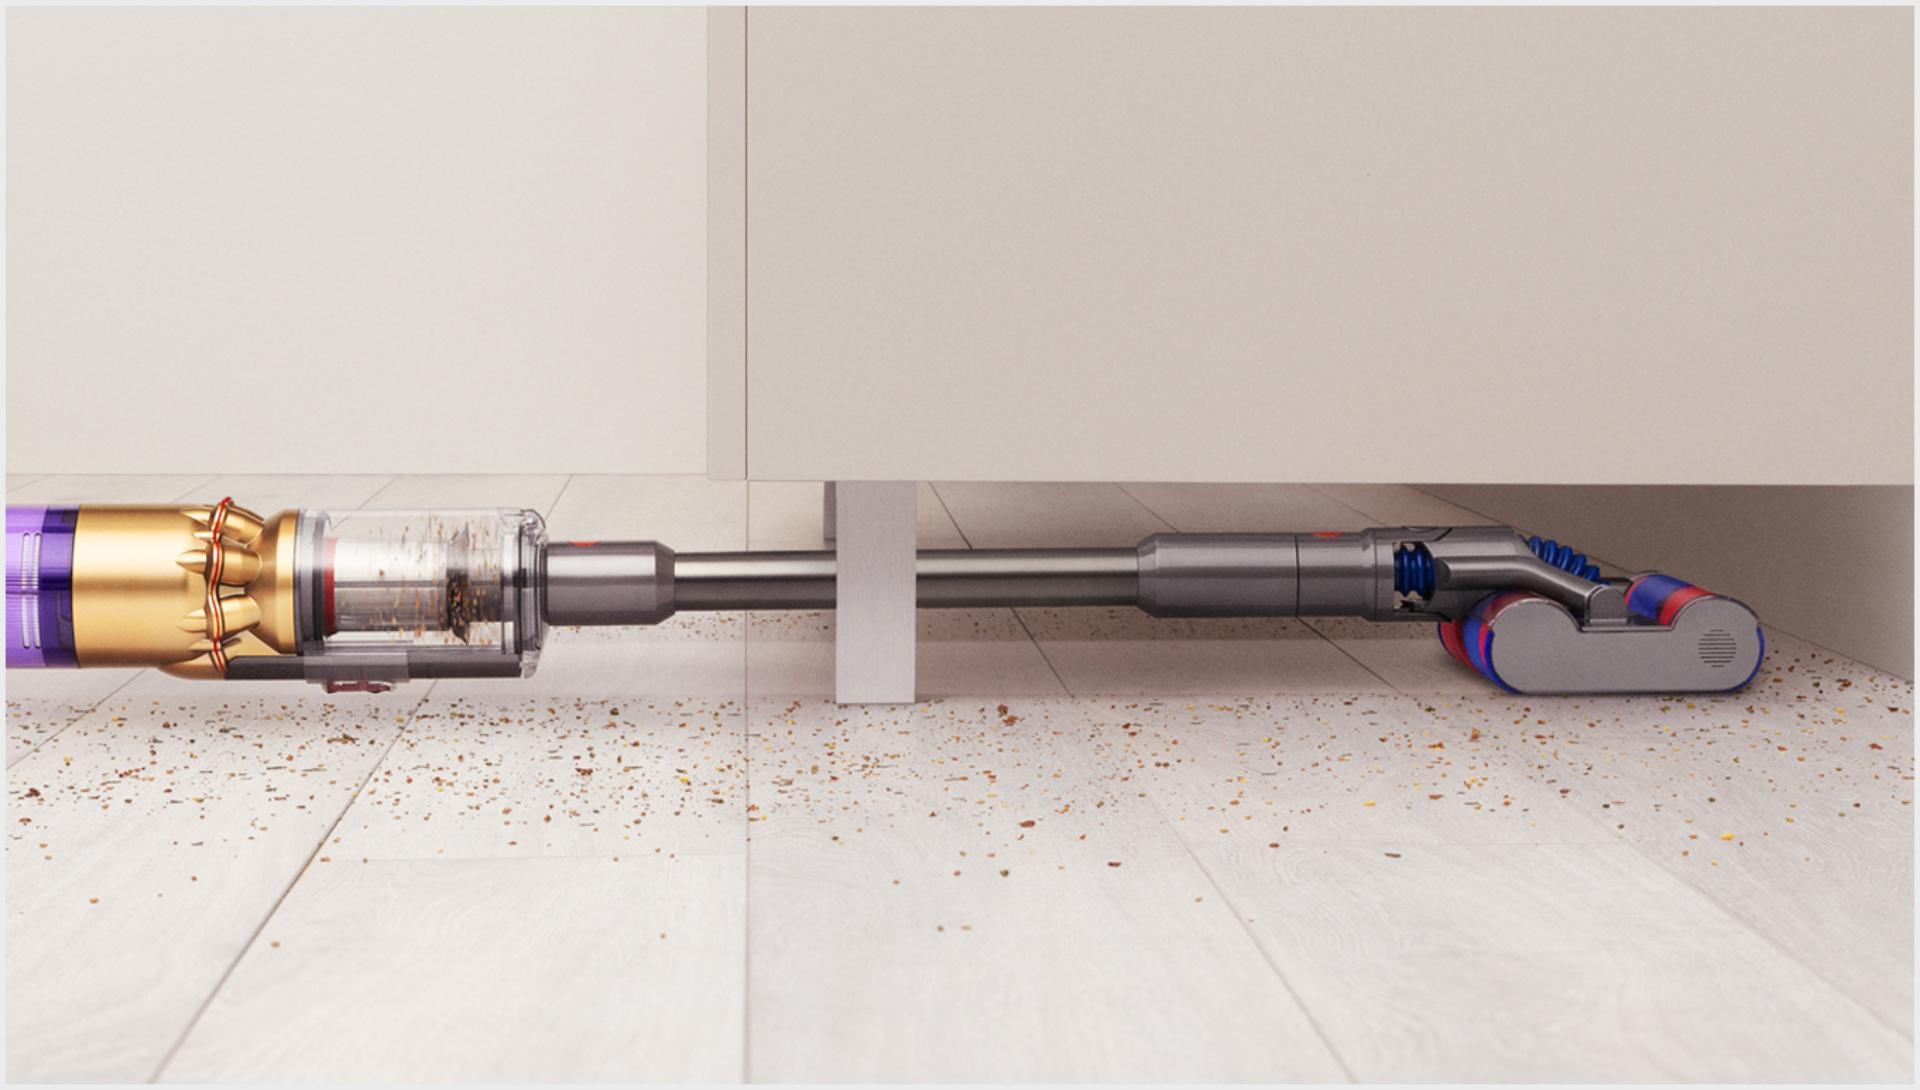 다이슨 옴니-글라이드™ 무선 청소기로 낮은 가구 아래를 청소하는 모습.